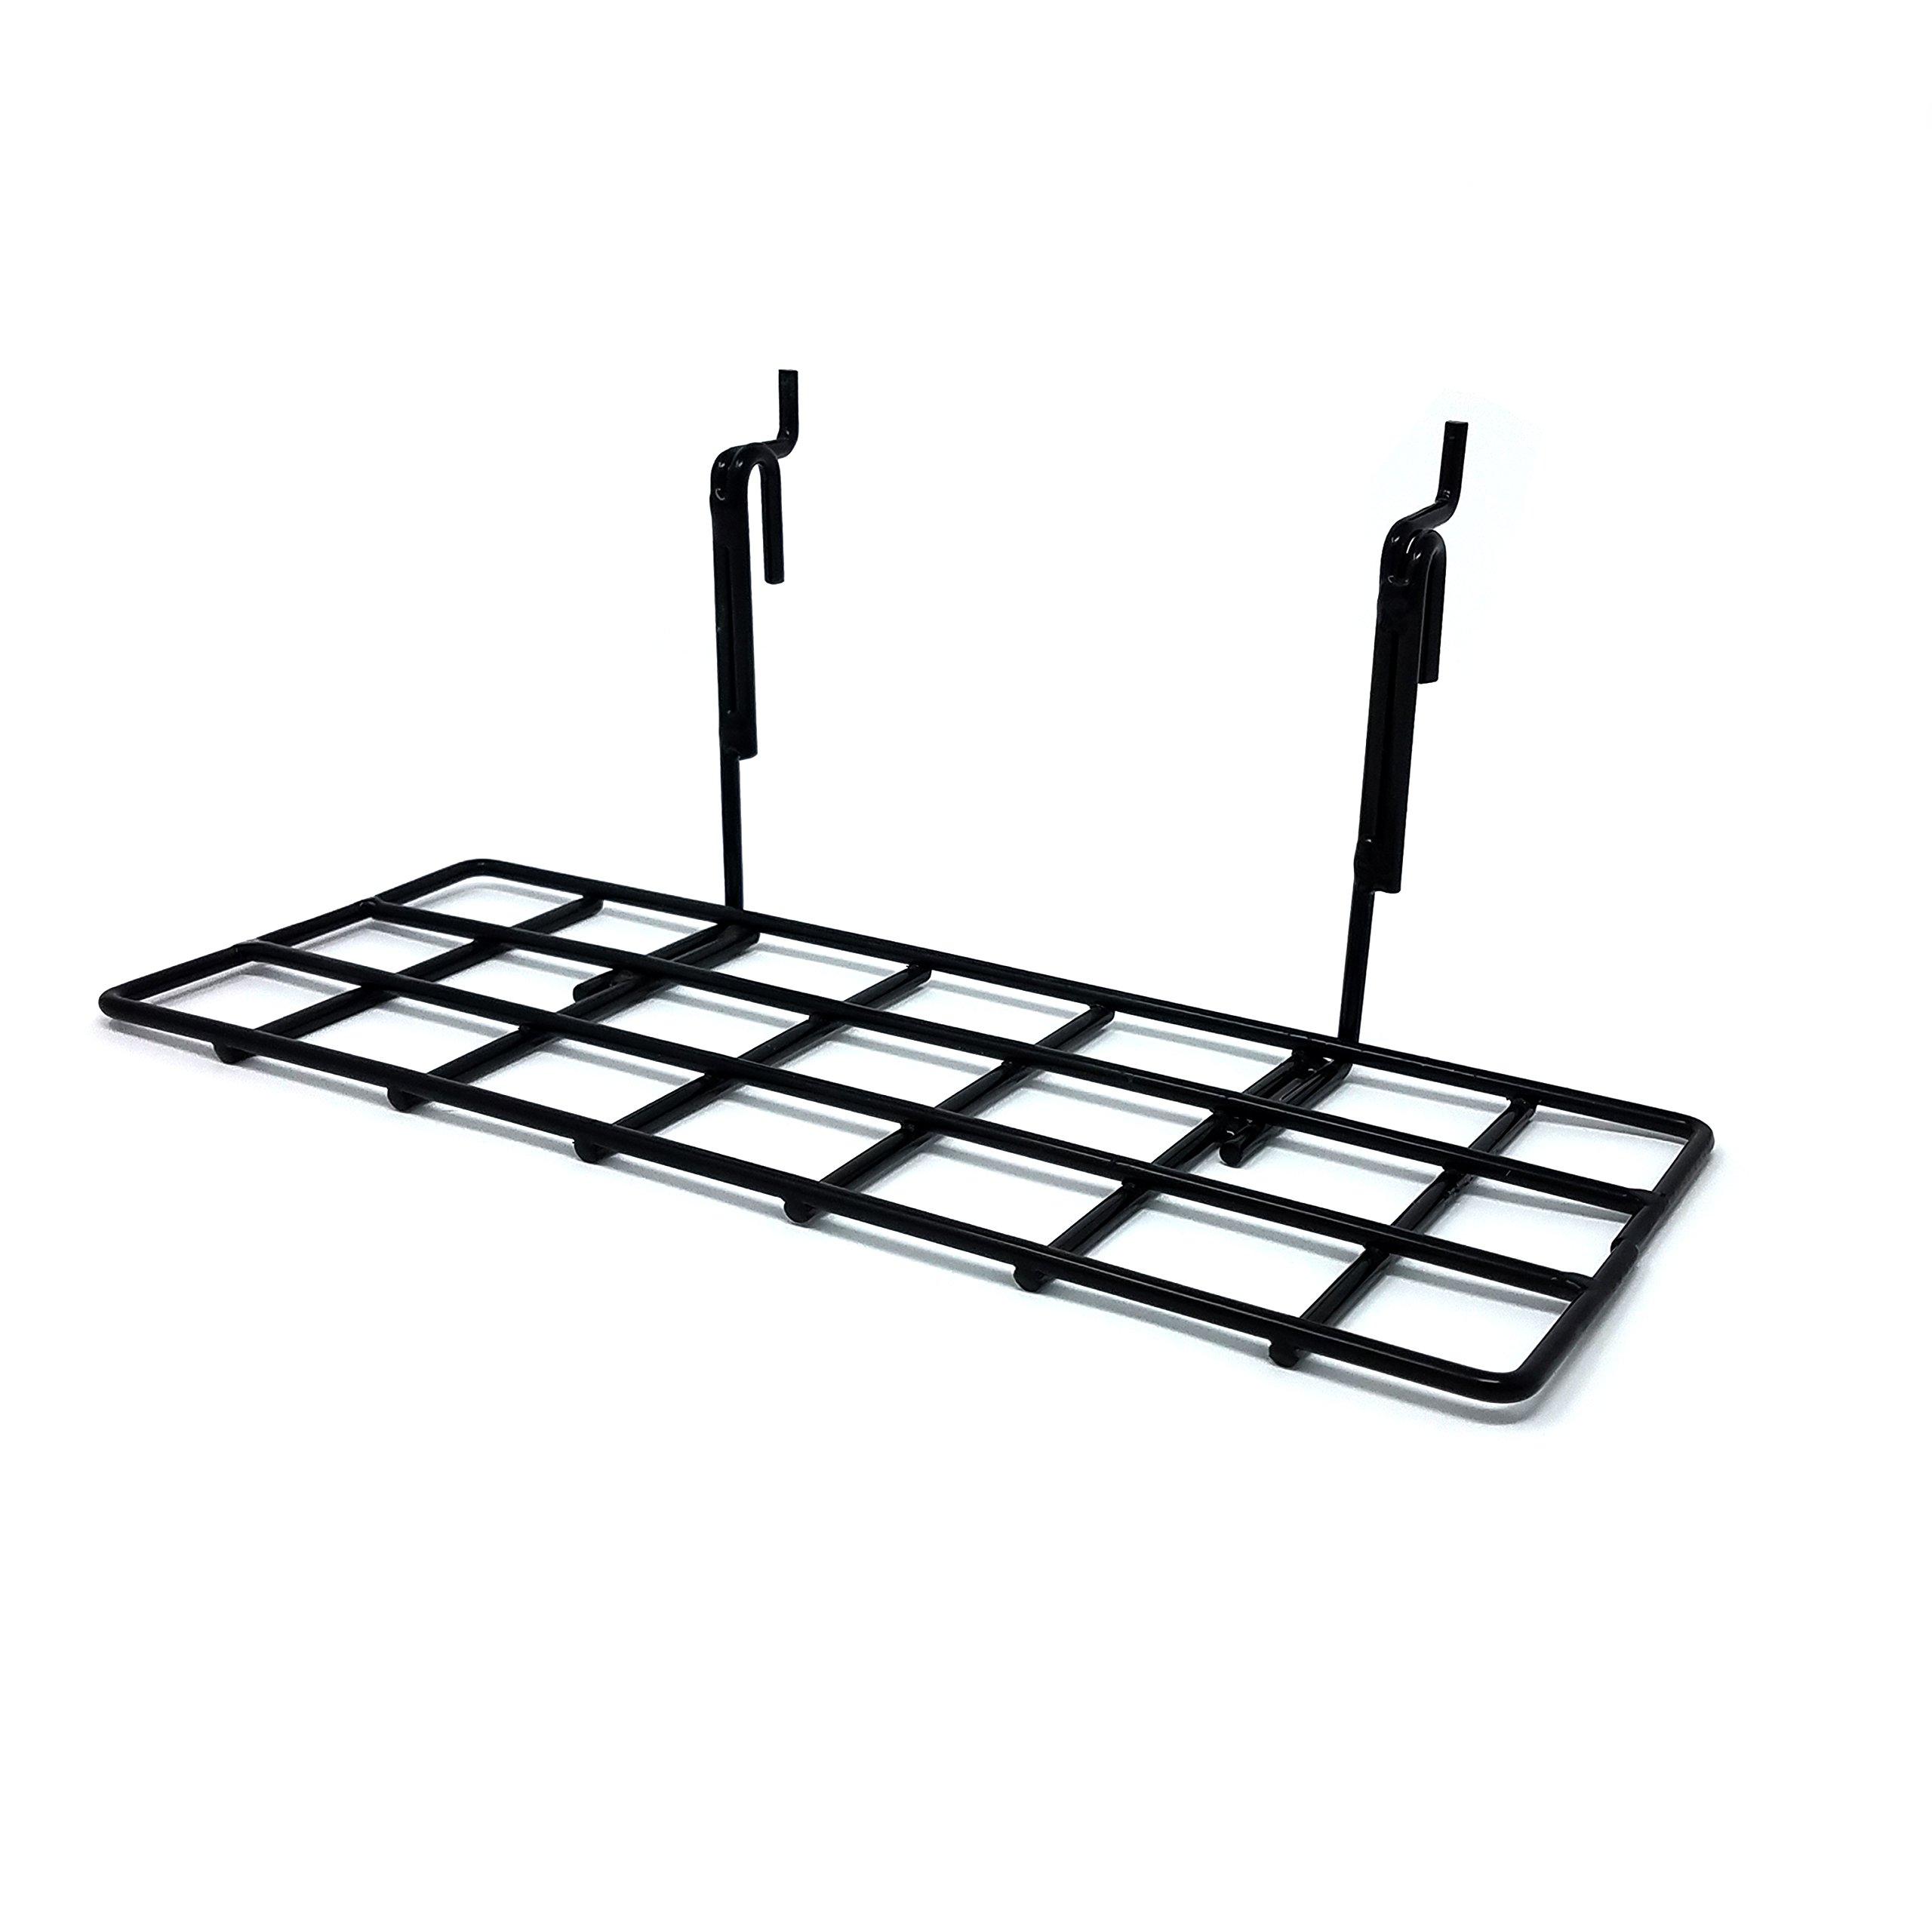 Slatwall, Pegboard, Gridwall Flat Wire Retail Display Shelf - Black - 4'' D x 10'' L - 10 Pack